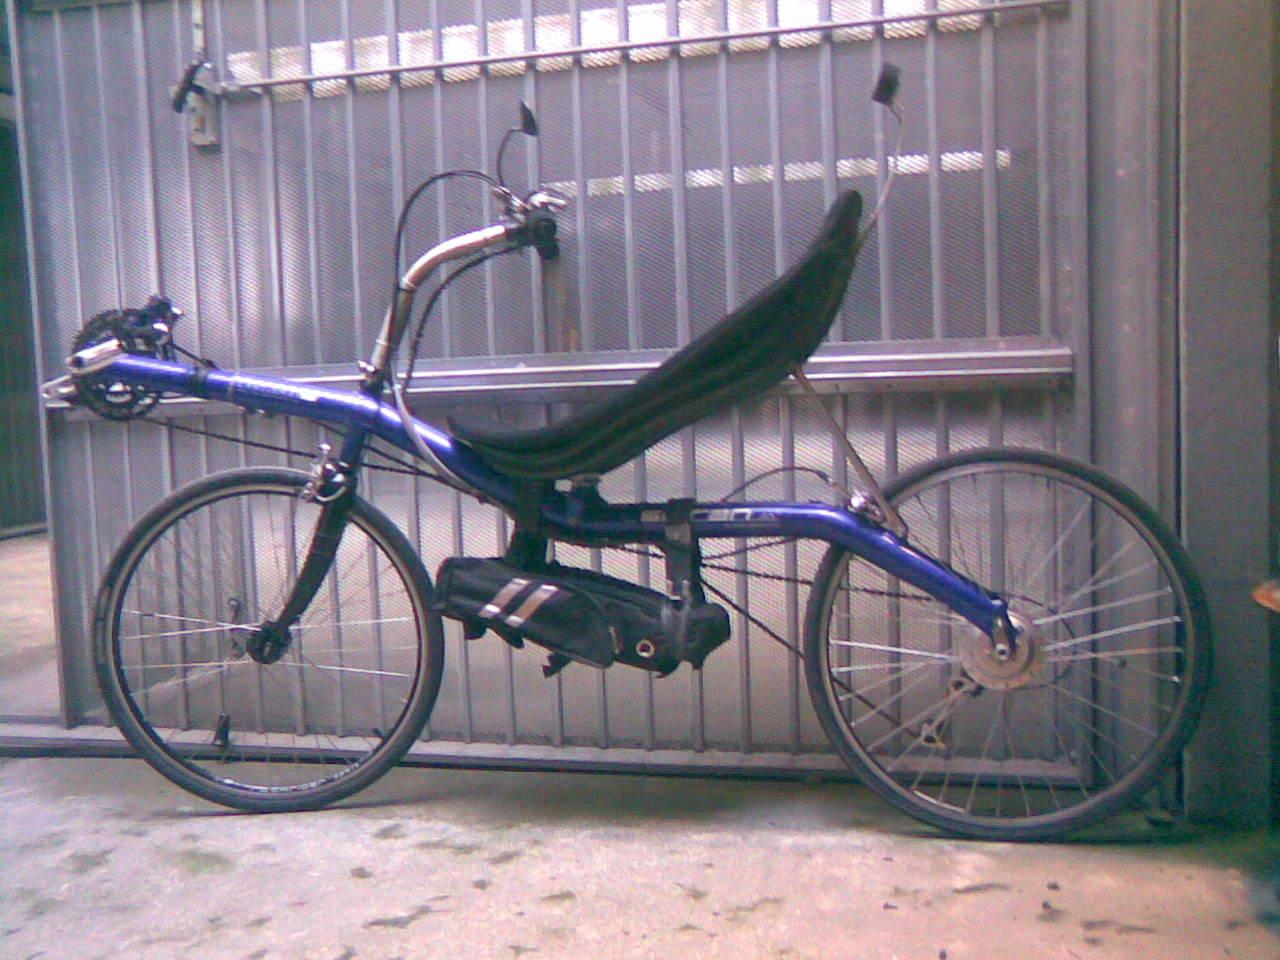 Forum Indipendente Biciclette Elettriche, Pieghevoli e Utility